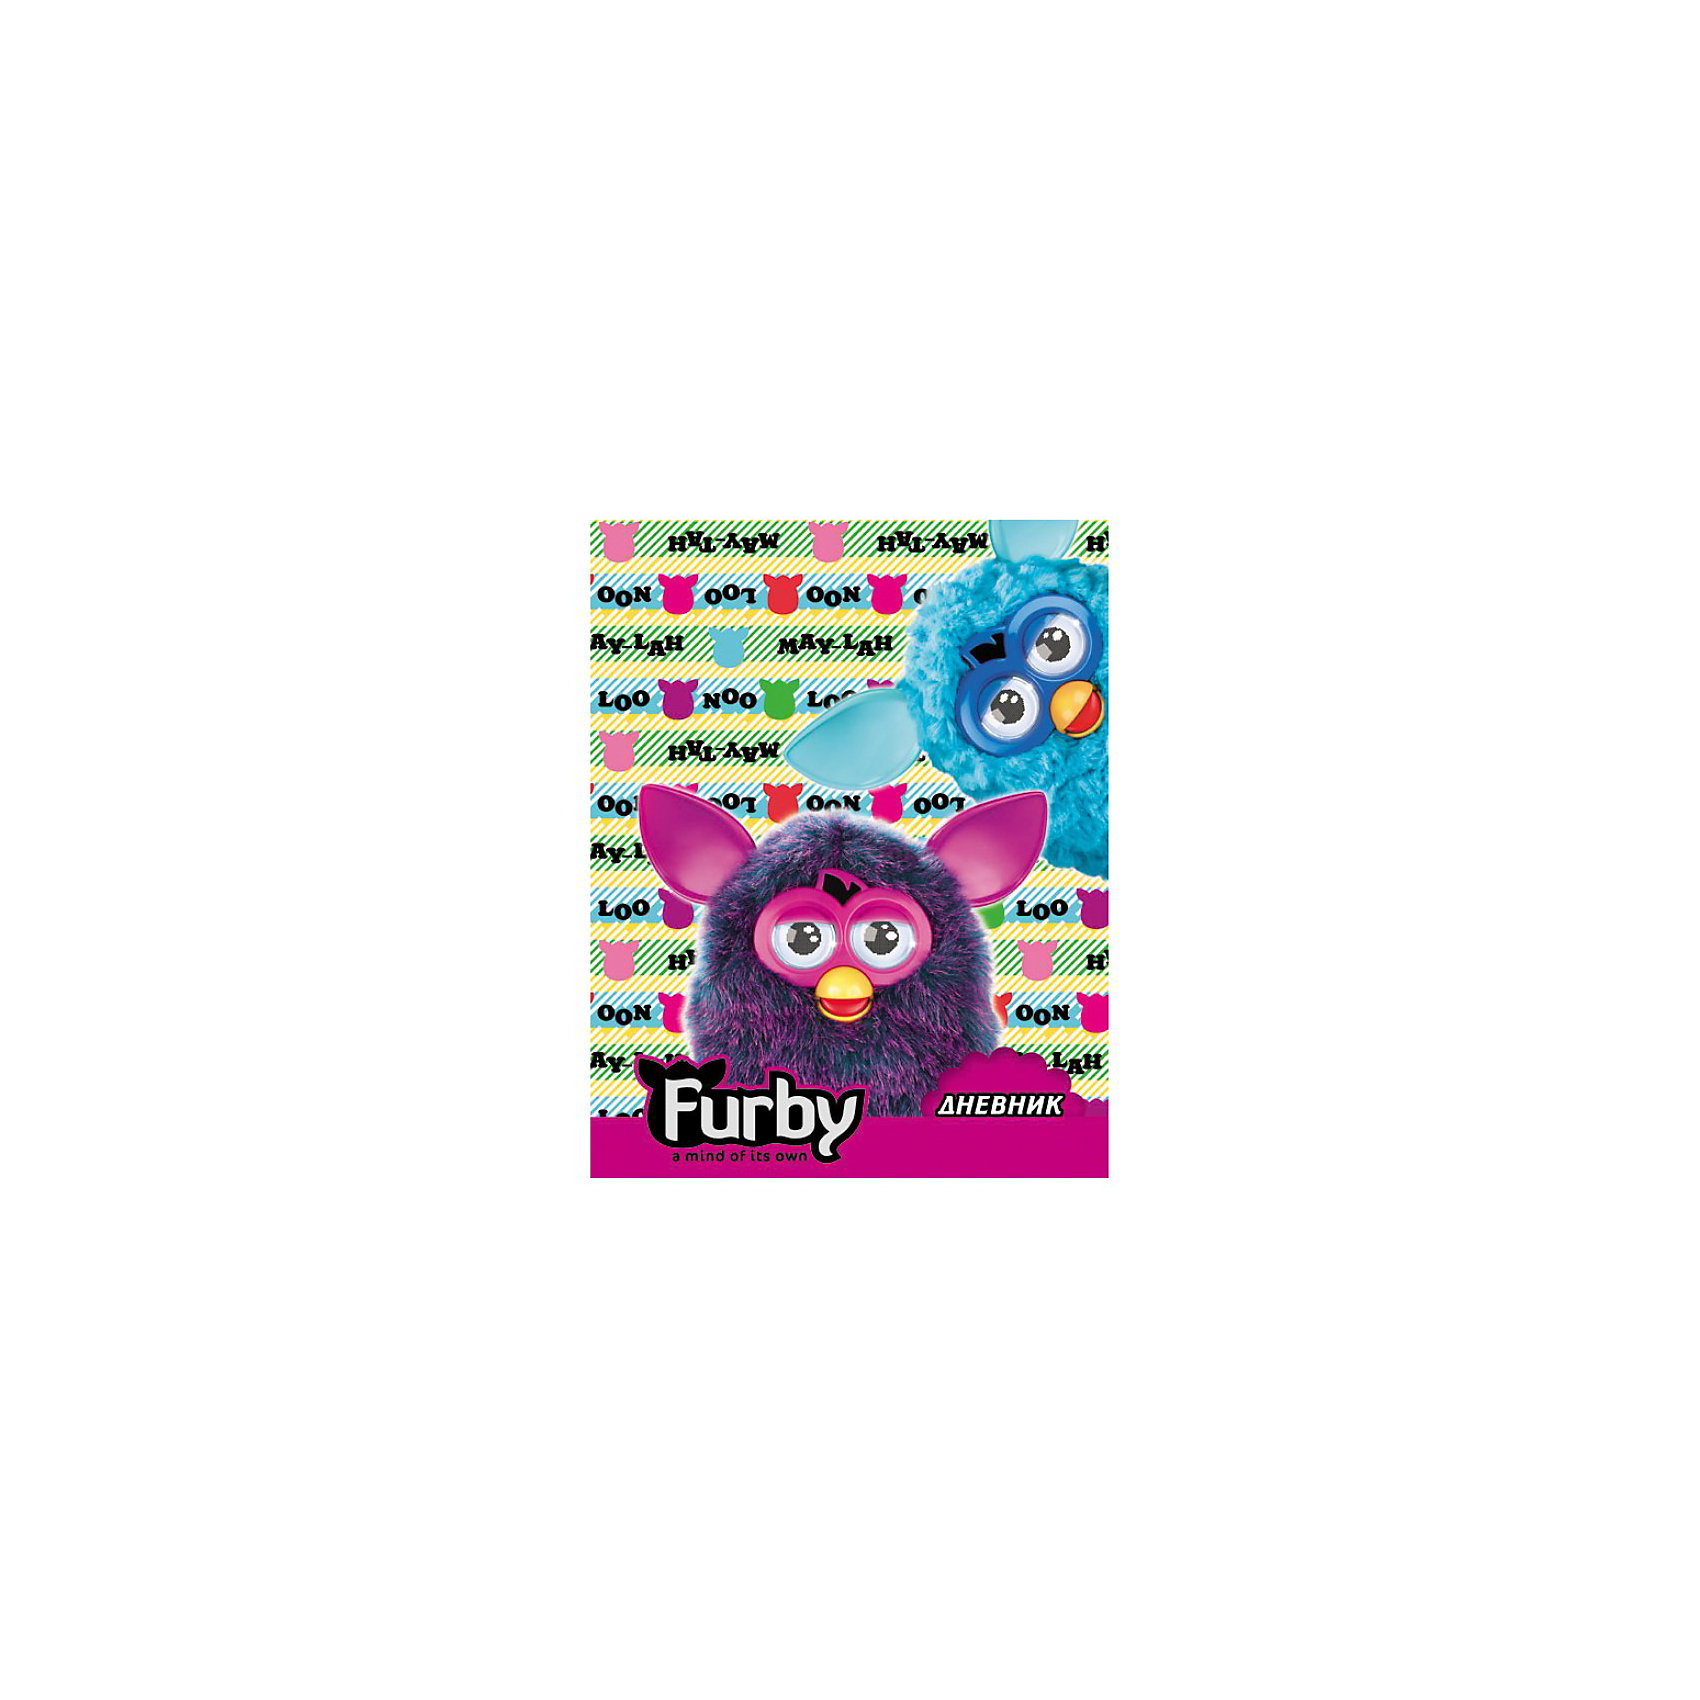 Дневник для младшей школы, FurbyДневник для младших классов Furby (Ферби) порадует маленькую школьницу своим ярким красочным дизайном, она с удовольствием будет носить его каждый день на школьные занятия. У дневника твёрдая разноцветная обложка, украшенная изображением милых забавных существ Ферби. Внутри - стандартное оформление, офсетная печать.<br><br>Дополнительная информация:<br><br>- Материал: бумага. <br>- Размер: 17,2 х 21,6 х 0,9 см.<br>- Вес: 200 гр.<br><br>Дневник для младшей школы Furby можно купить в нашем интернет-магазине.<br><br>Ширина мм: 225<br>Глубина мм: 360<br>Высота мм: 105<br>Вес г: 200<br>Возраст от месяцев: 48<br>Возраст до месяцев: 84<br>Пол: Унисекс<br>Возраст: Детский<br>SKU: 3571225